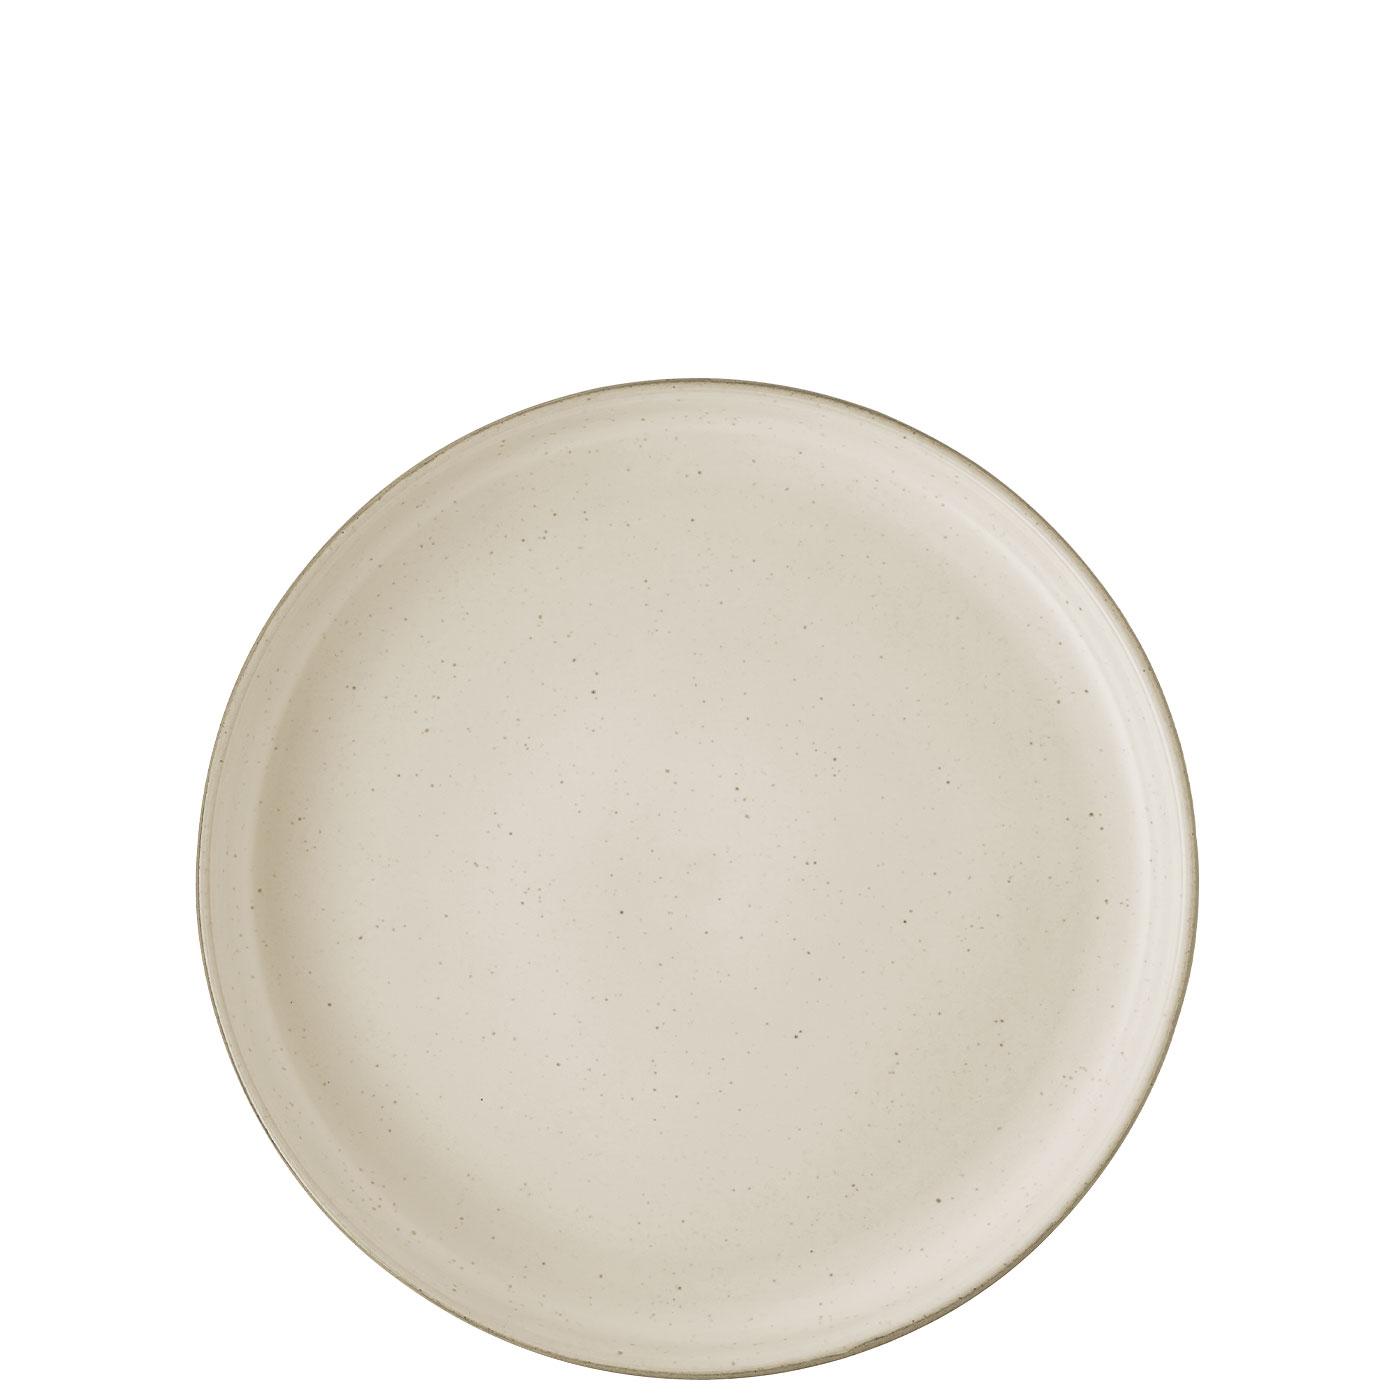 Gourmetteller 24 cm Joyn Stoneware Ash Arzberg